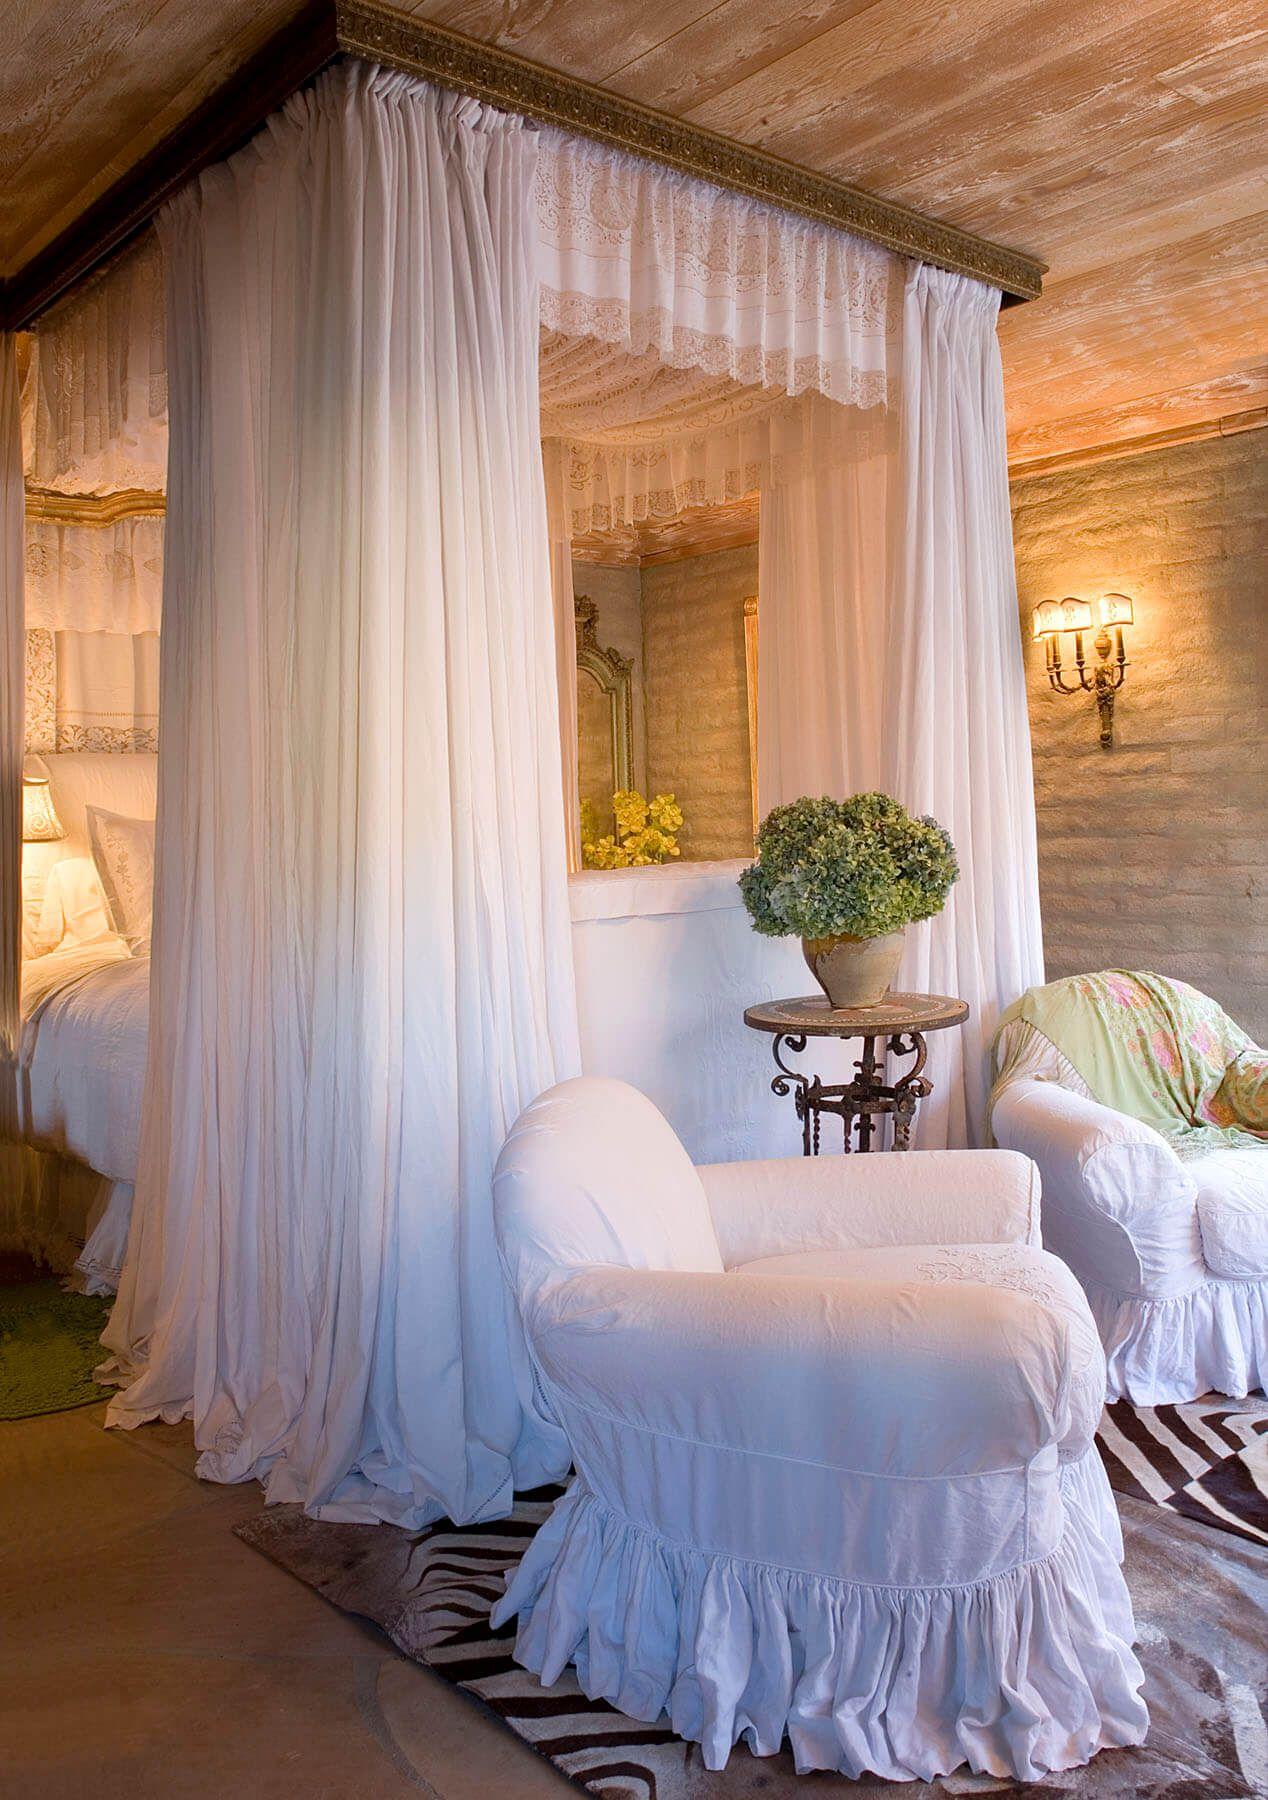 romantisches schlafzimmer einrichten, 25+ romantisches schlafzimmer dekor ideen, um ihr zuhause stilvoller, Design ideen